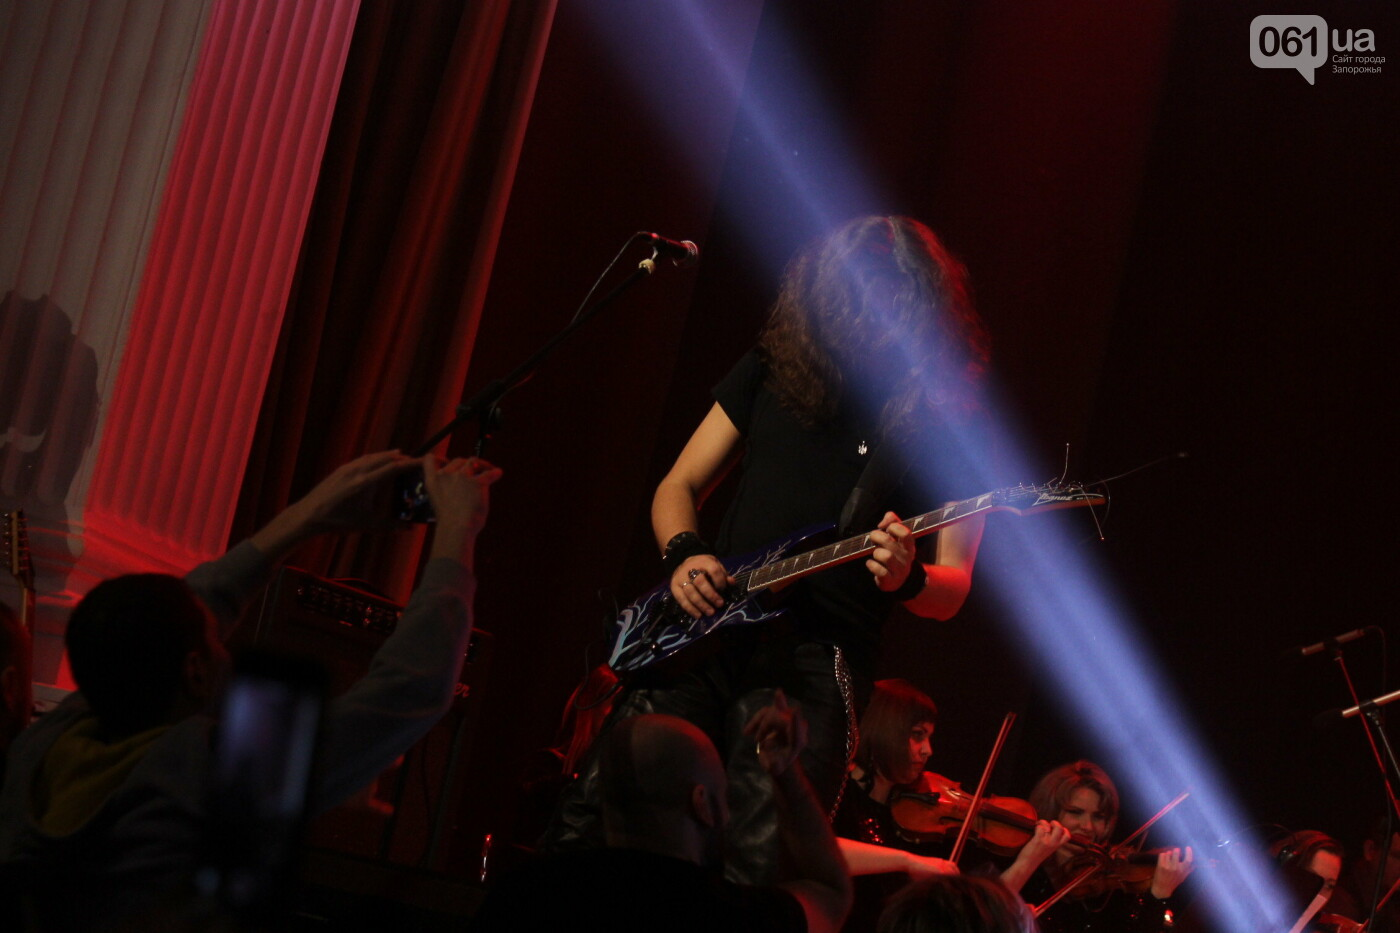 Тяжелый рок в симфоническом звучании: каким было Hard Rock Show в Запорожье, – ФОТОРЕПОРТАЖ, фото-10